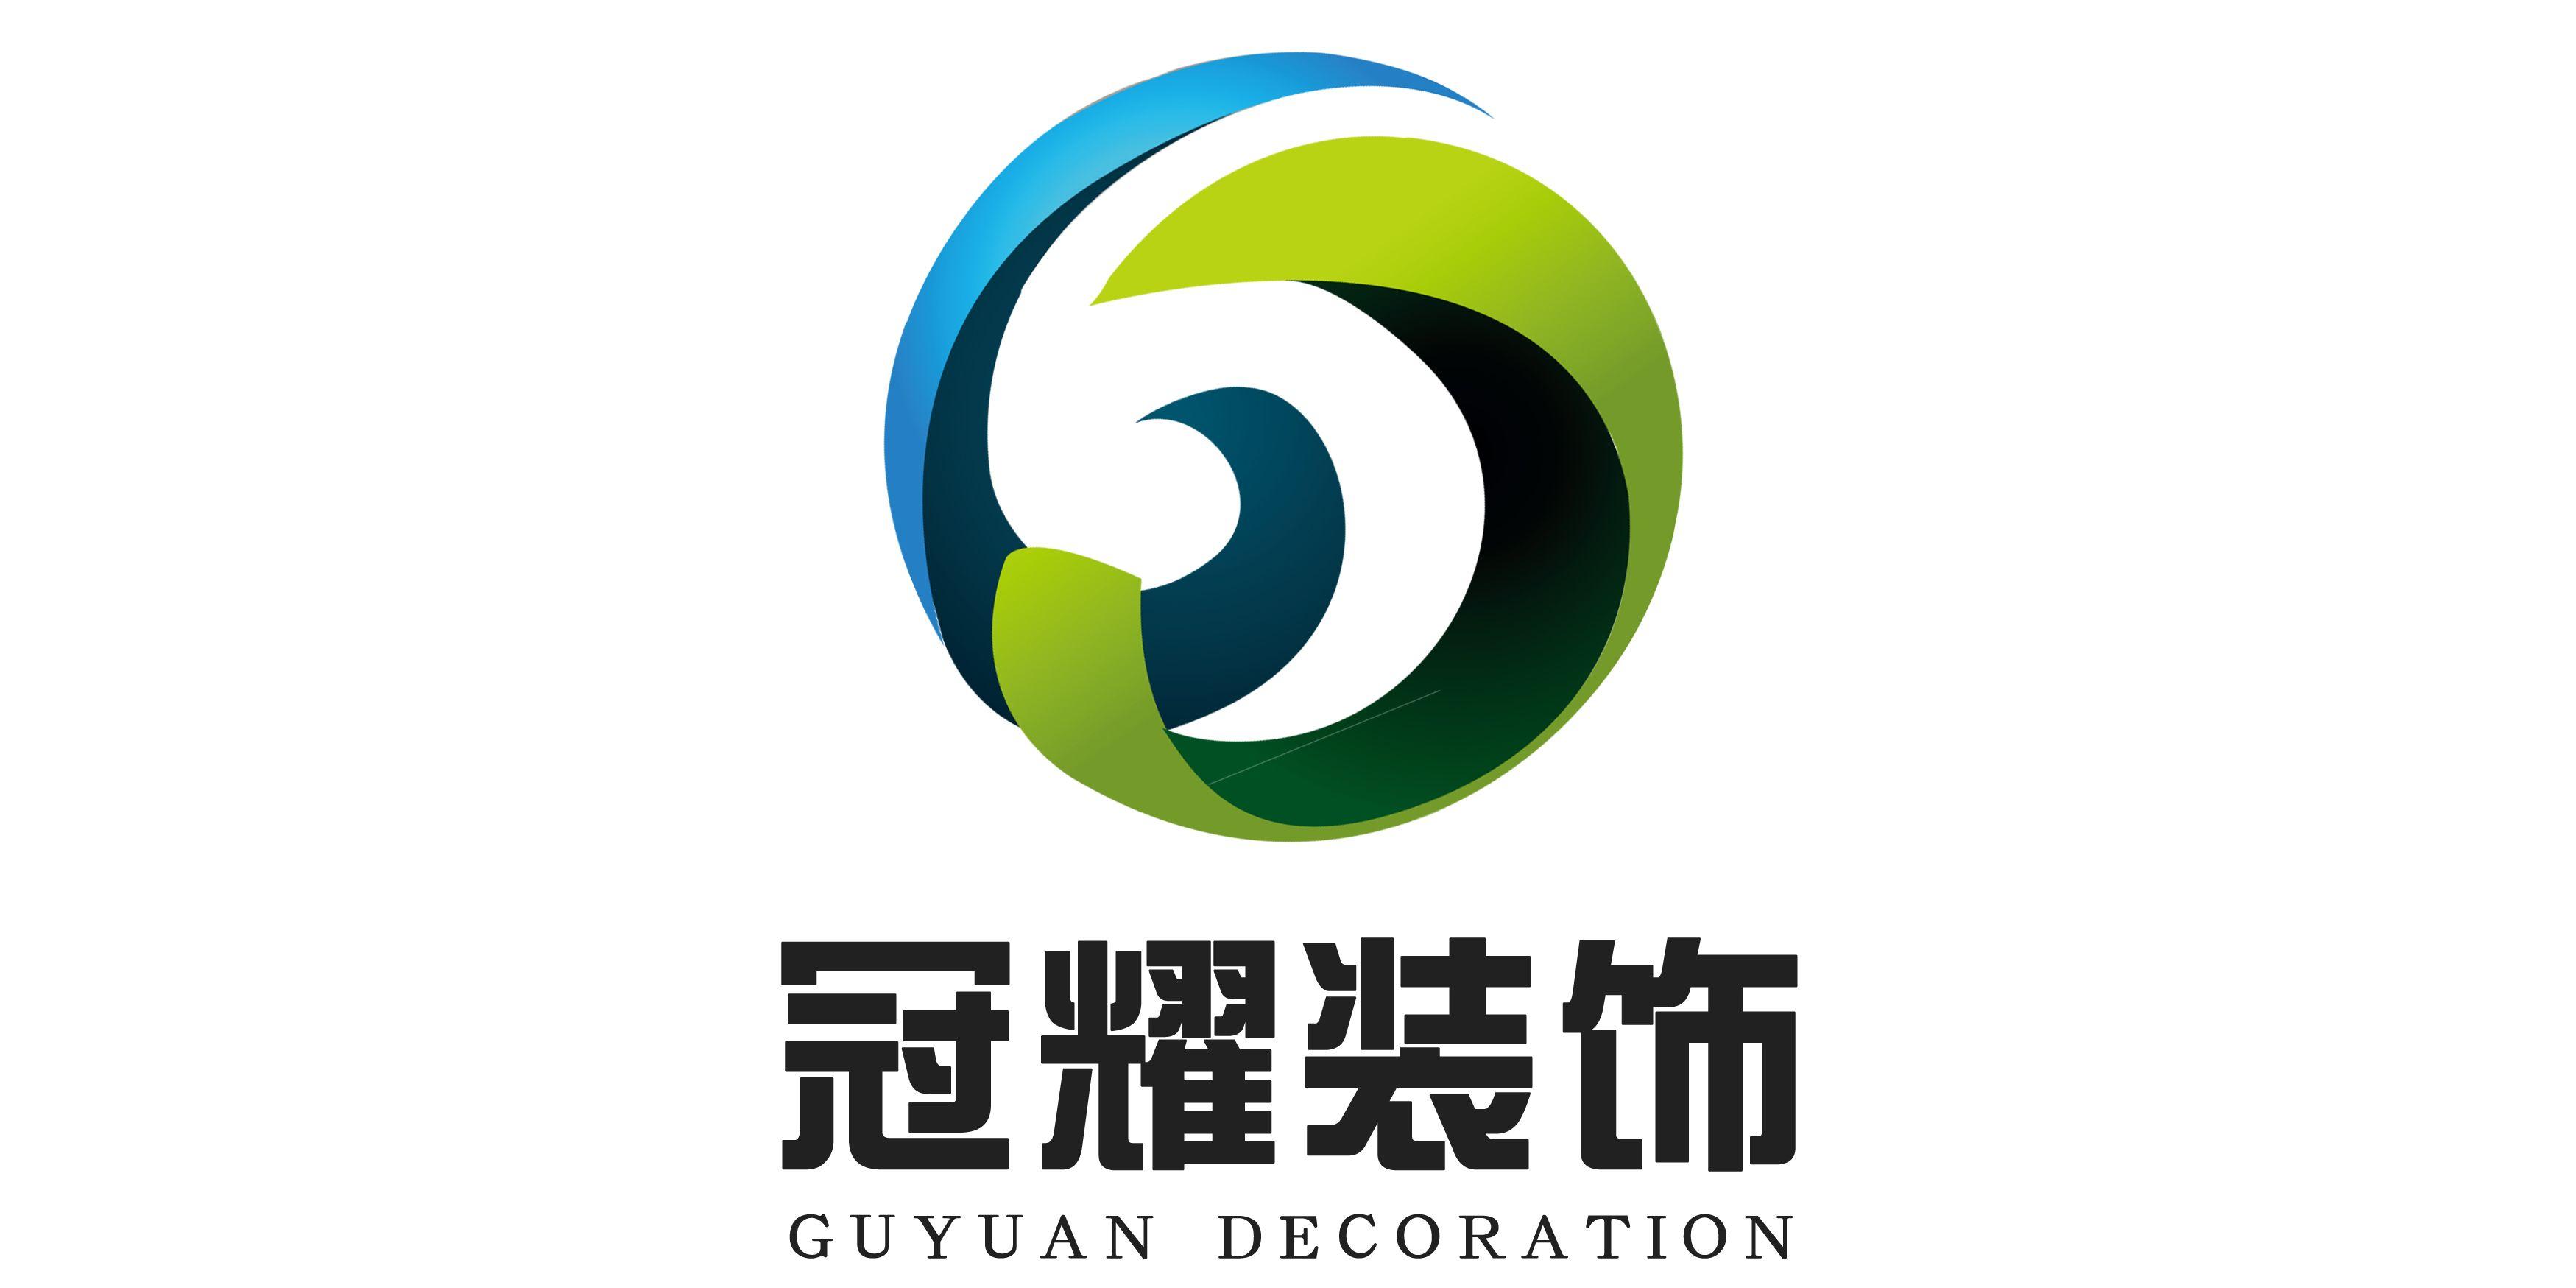 杭州冠耀装饰工程有限公司